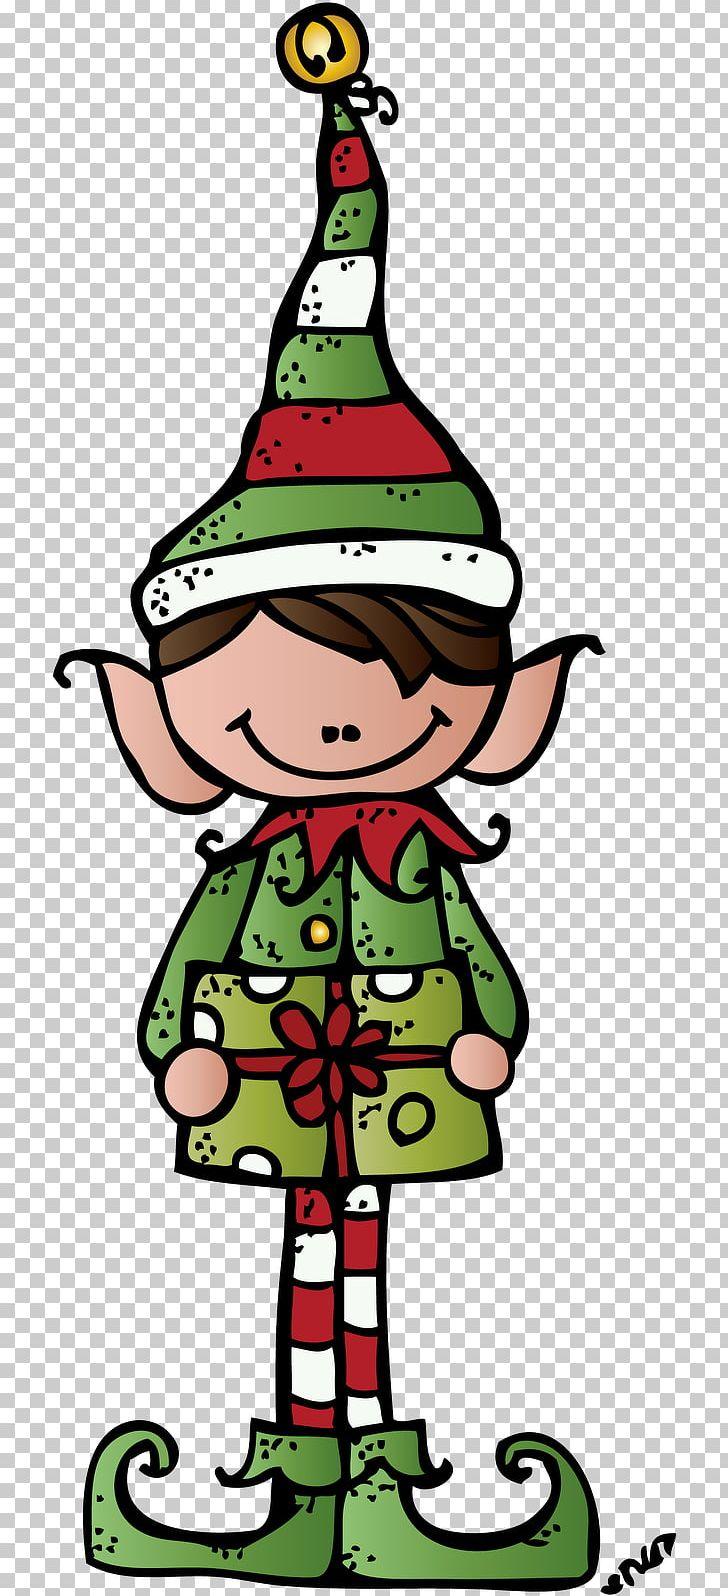 Christmas Elf On The Shelf Clipart.The Elf On The Shelf Santa Claus Christmas Elf Png Clipart